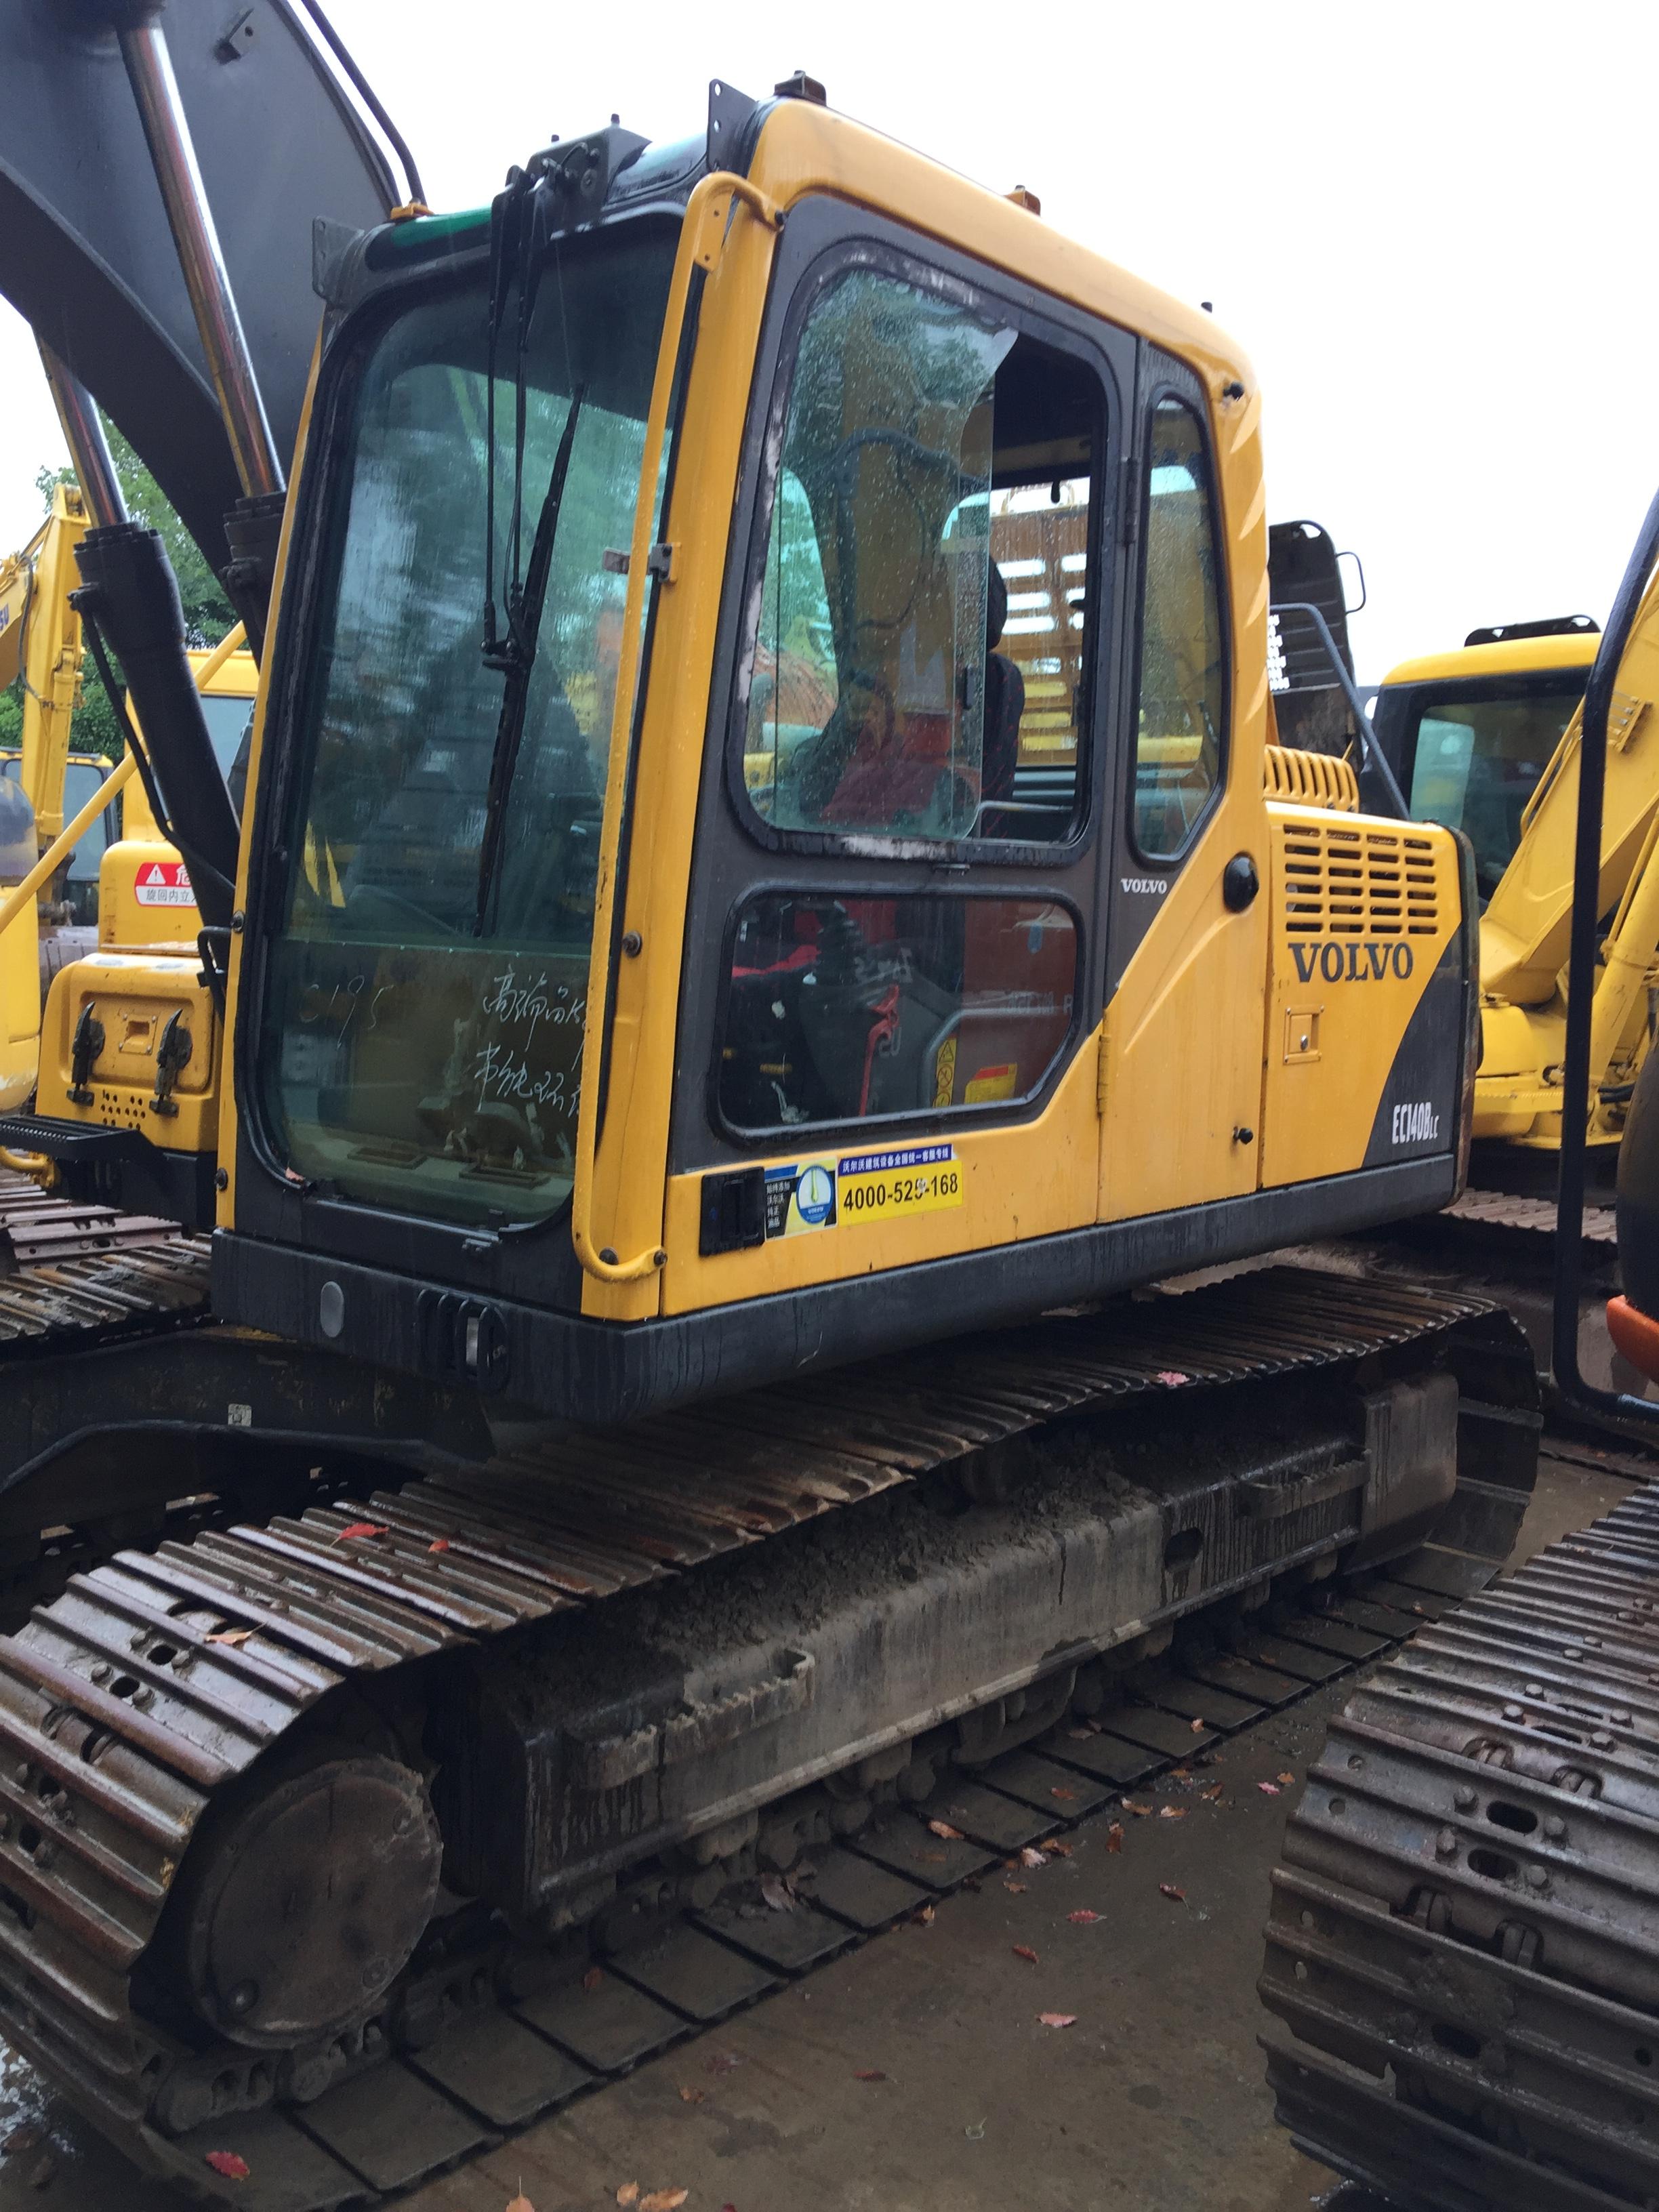 沃尔沃挖掘机 二手沃尔沃140挖掘机 履带式挖掘机